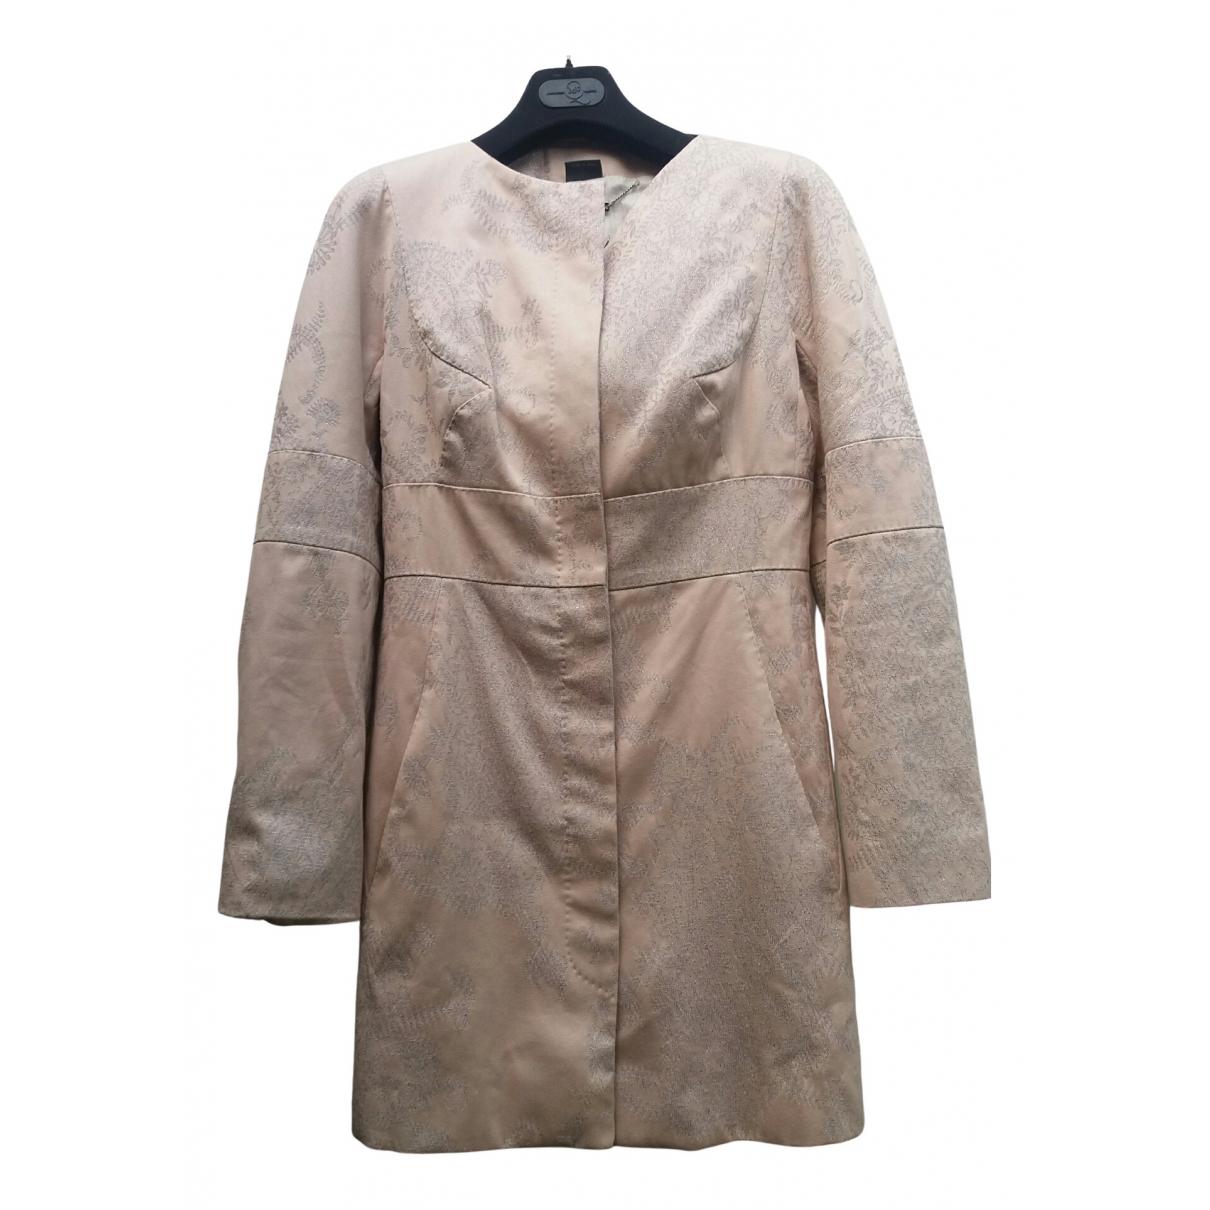 Alexander Mcqueen - Manteau   pour femme en coton - rose